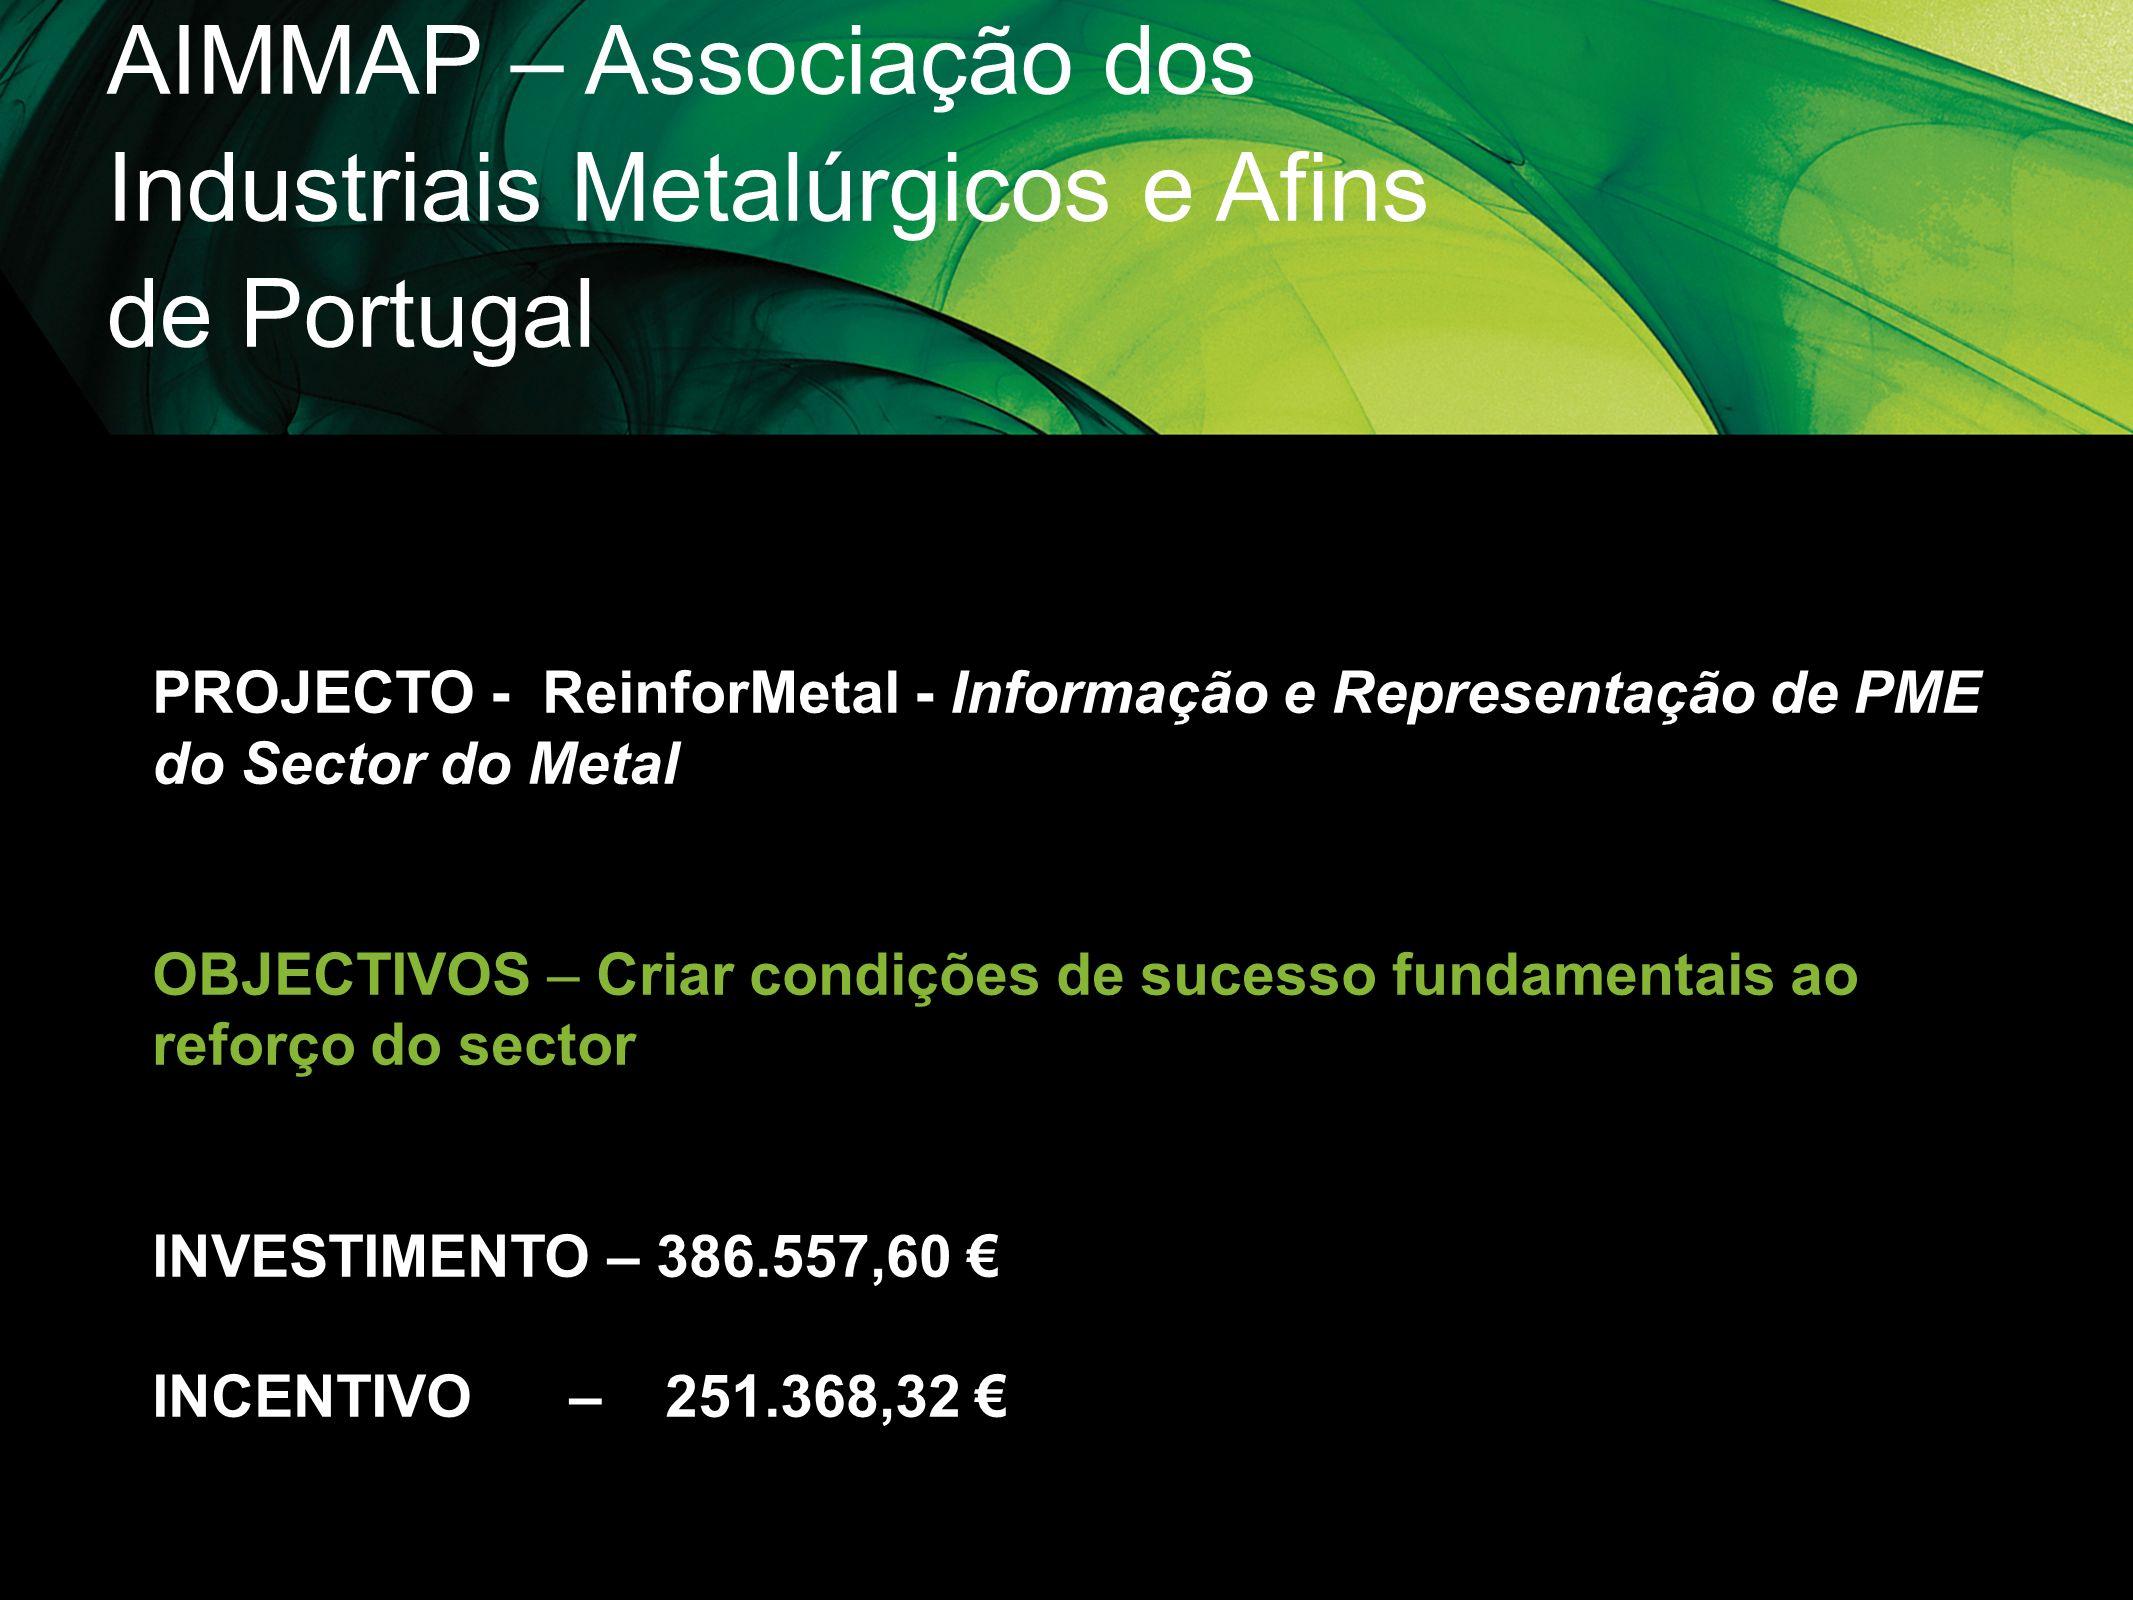 AIMMAP – Associação dos Industriais Metalúrgicos e Afins de Portugal PROJECTO - ReinforMetal - Informação e Representação de PME do Sector do Metal OB